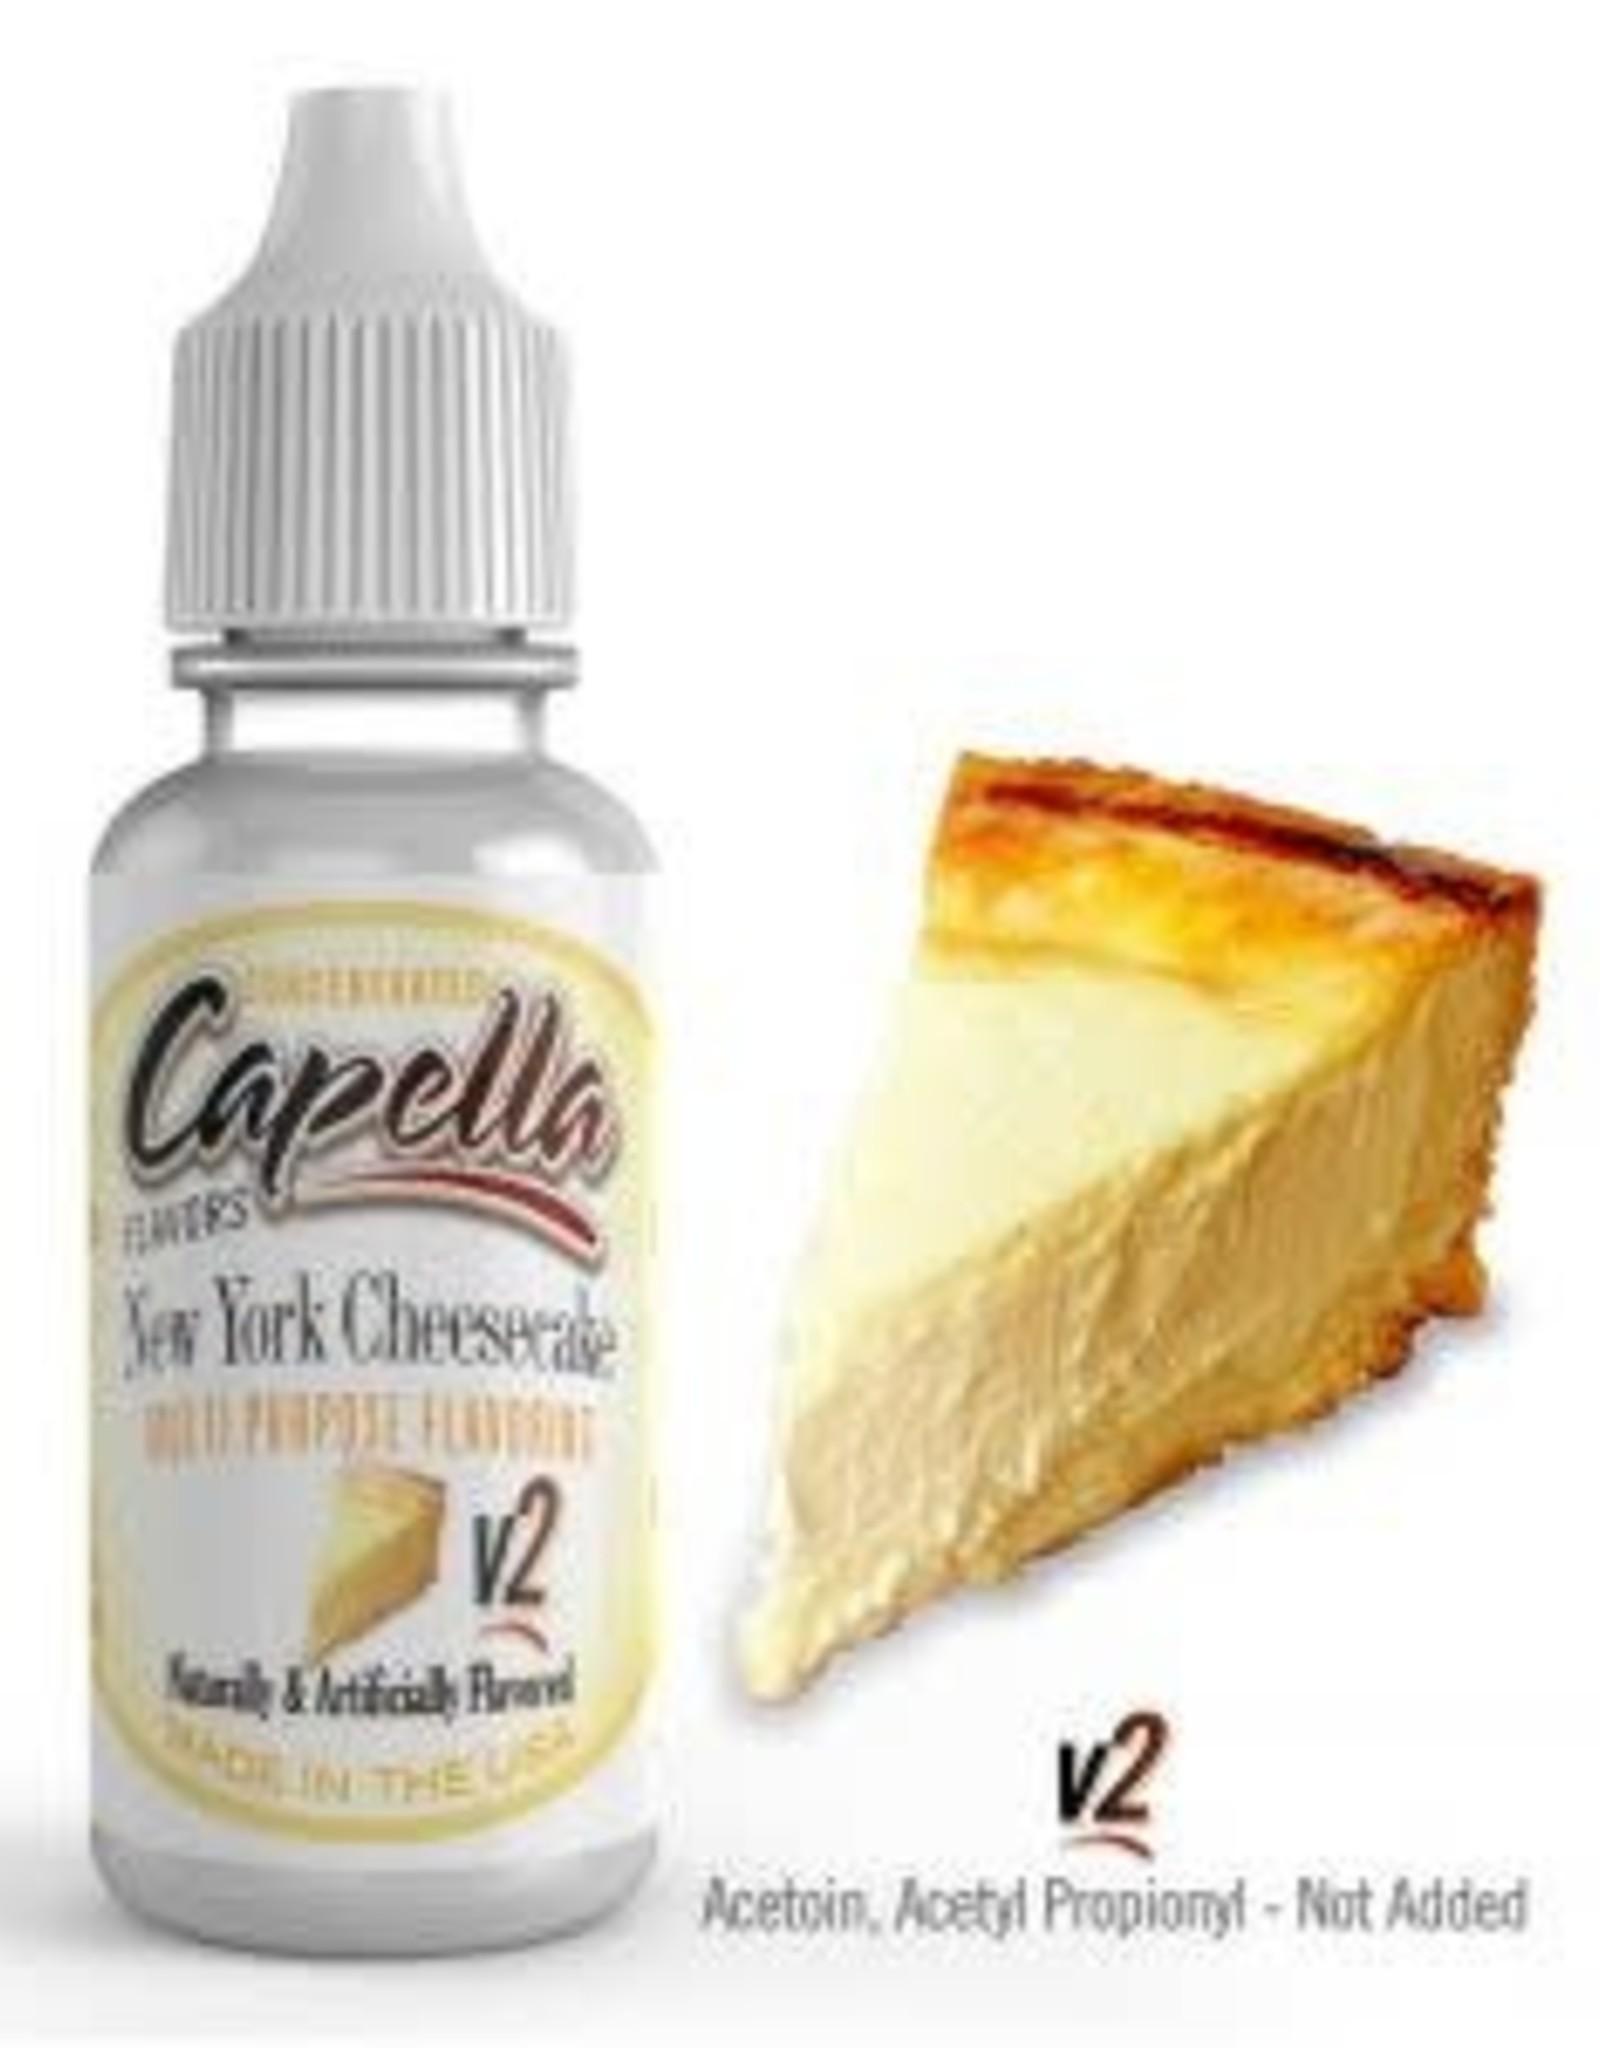 Capella Capella - New York Cheesecake Aroma 13ml